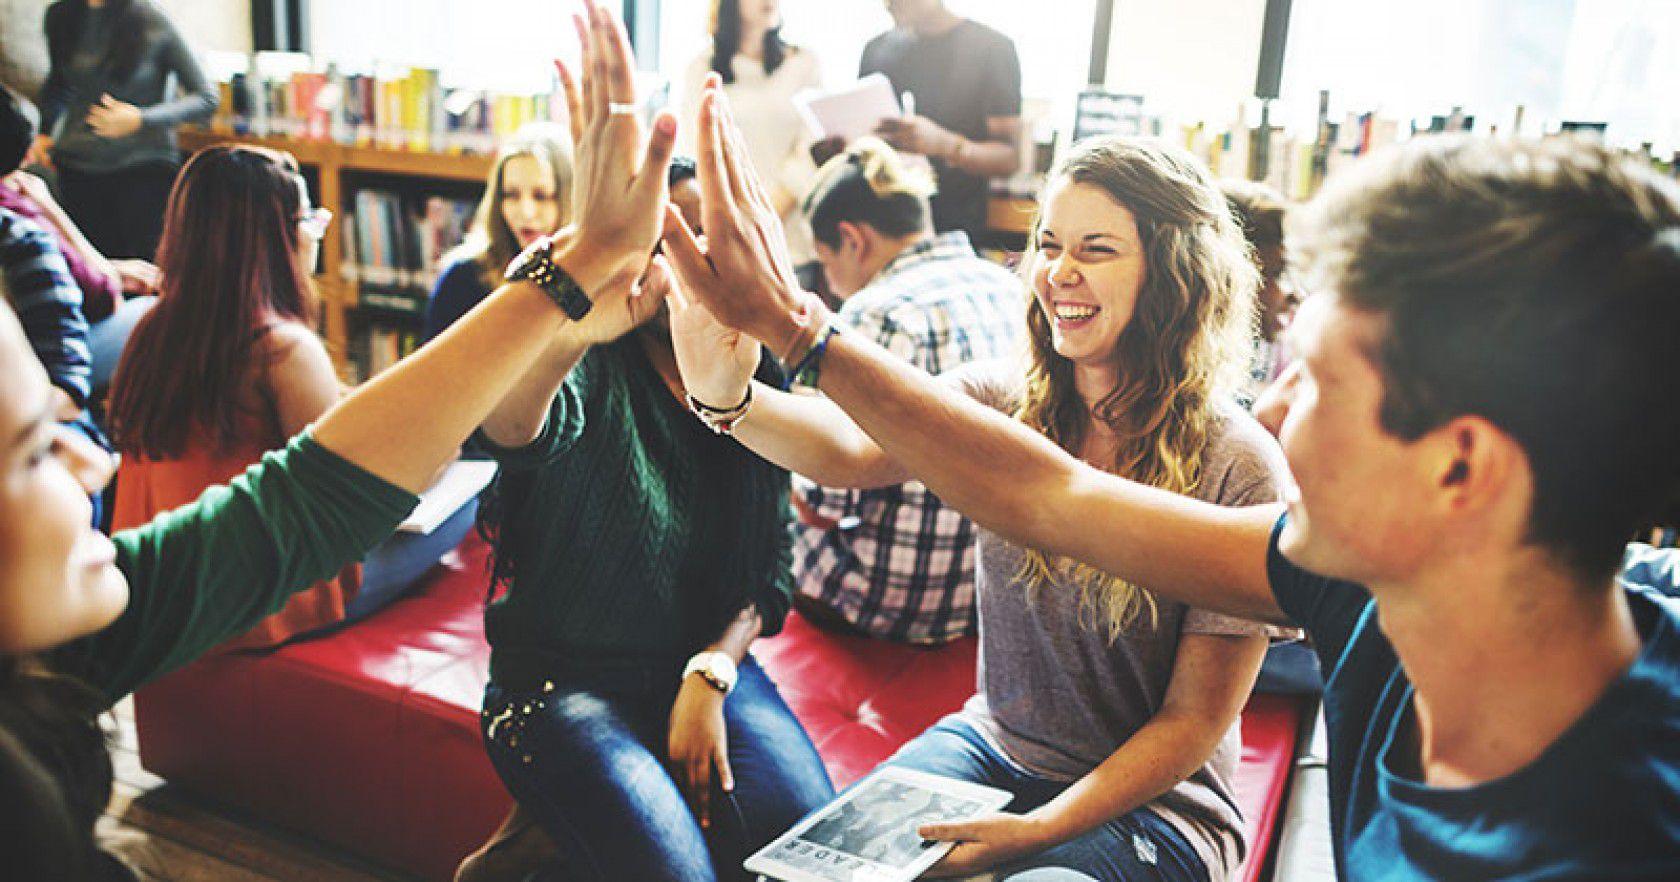 İngiltere Lise Öğrenci Değişim Programlarında En İyi Okullar